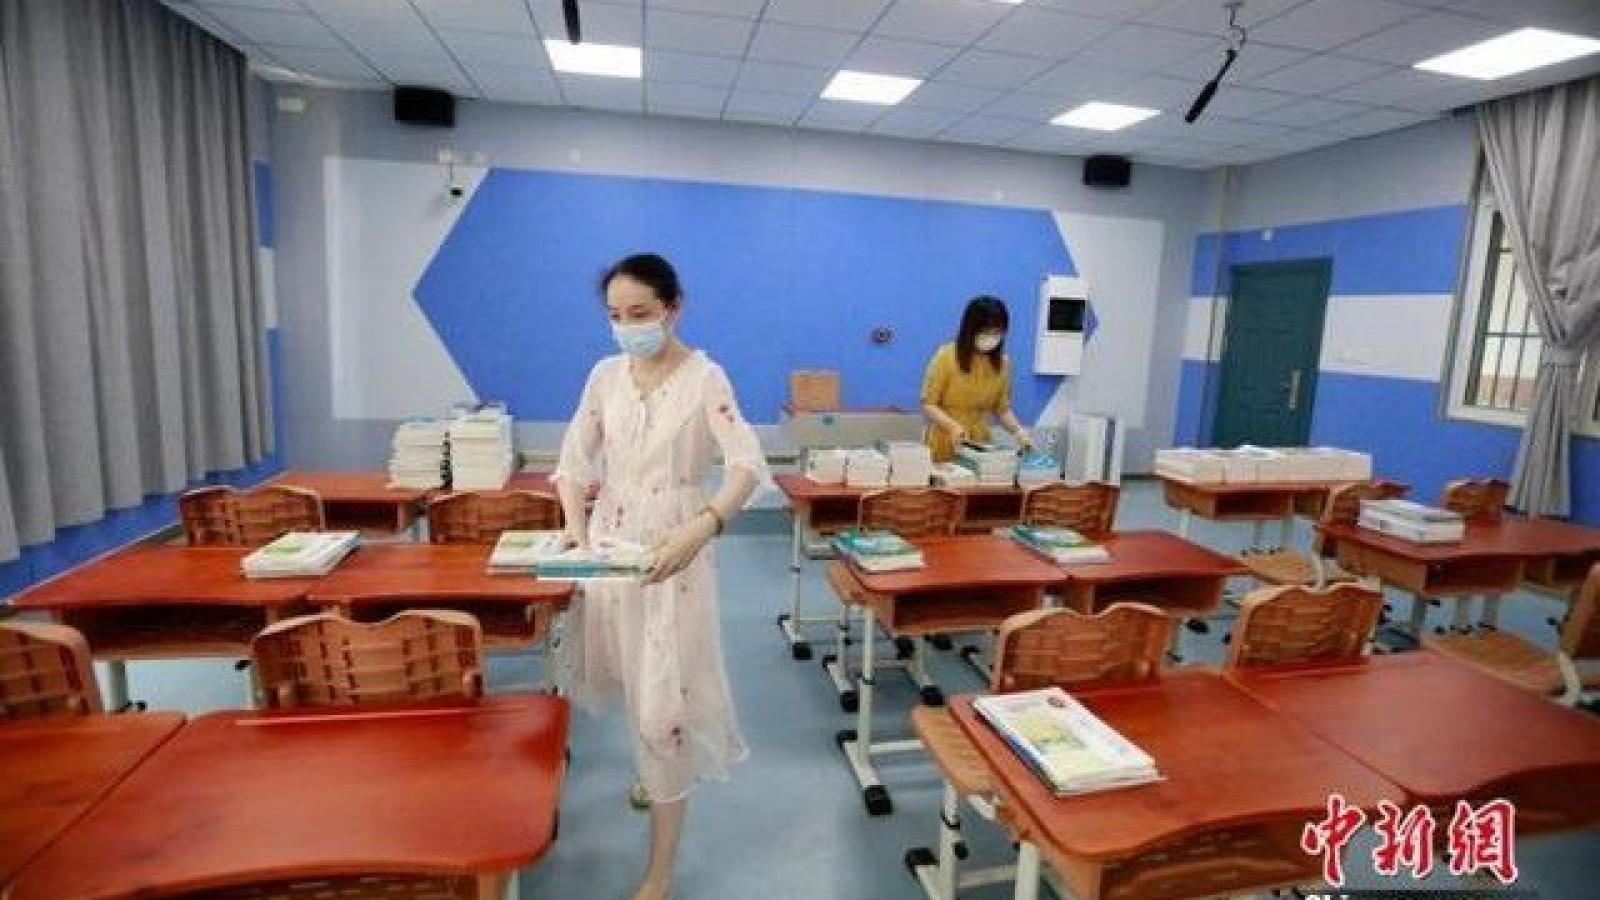 Học sinh Vũ Hán (Trung Quốc) chính thức trở lại trường sau thời gian cách ly